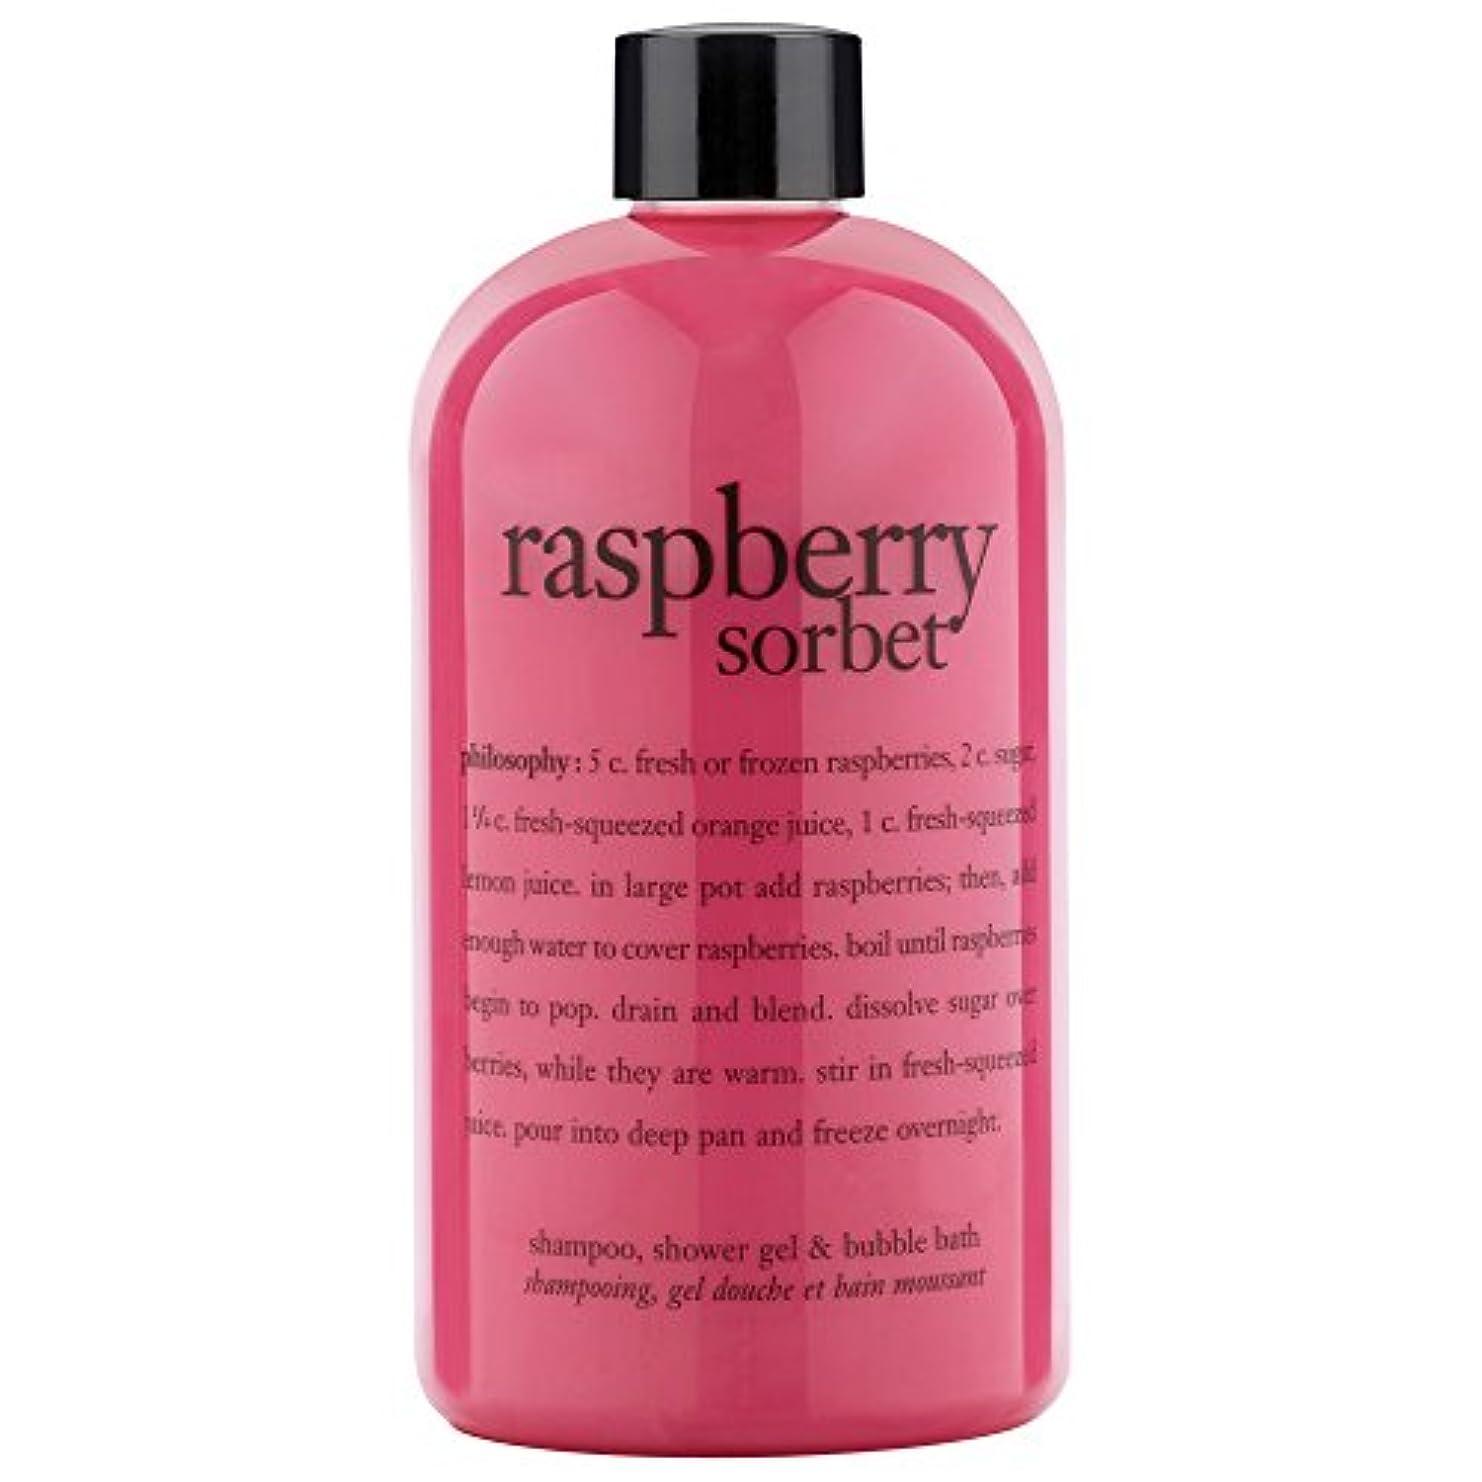 石油ハウジングフラフープ哲学ラズベリーシャワージェル480ミリリットル (Philosophy) (x2) - Philosophy Raspberry Shower Gel 480ml (Pack of 2) [並行輸入品]